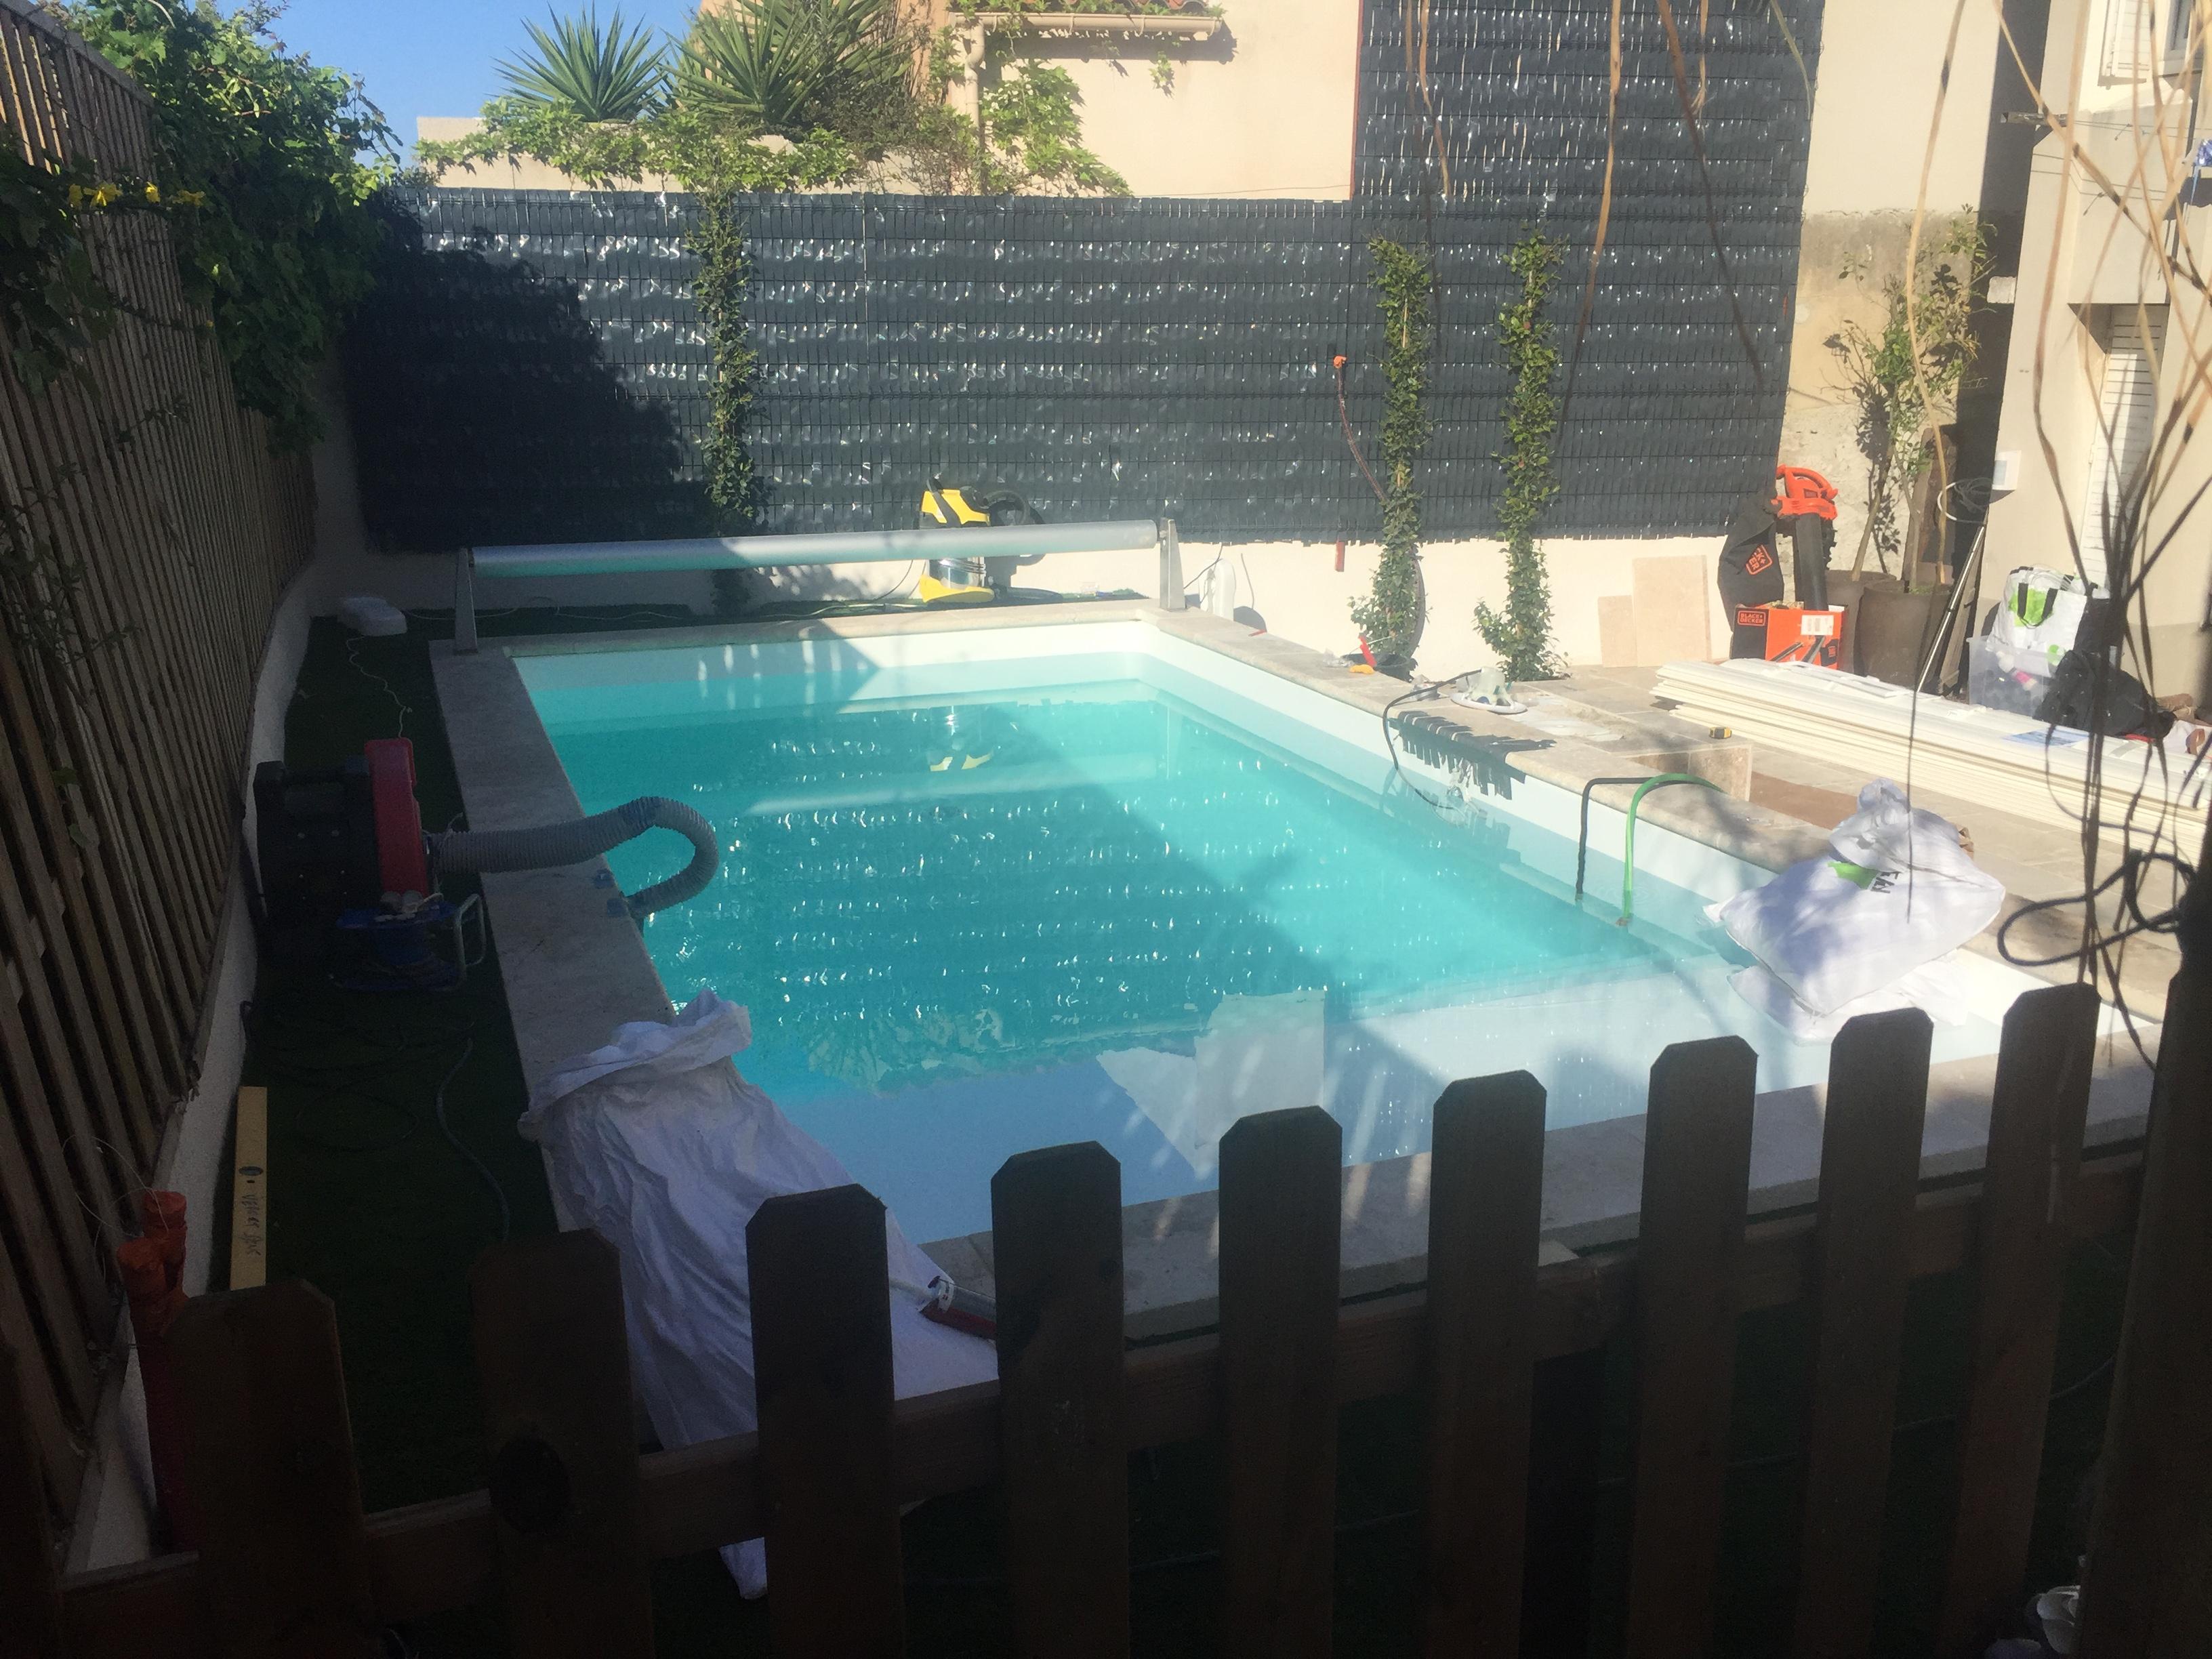 Réalisation d'une piscine de 6 * 3 à Marseille